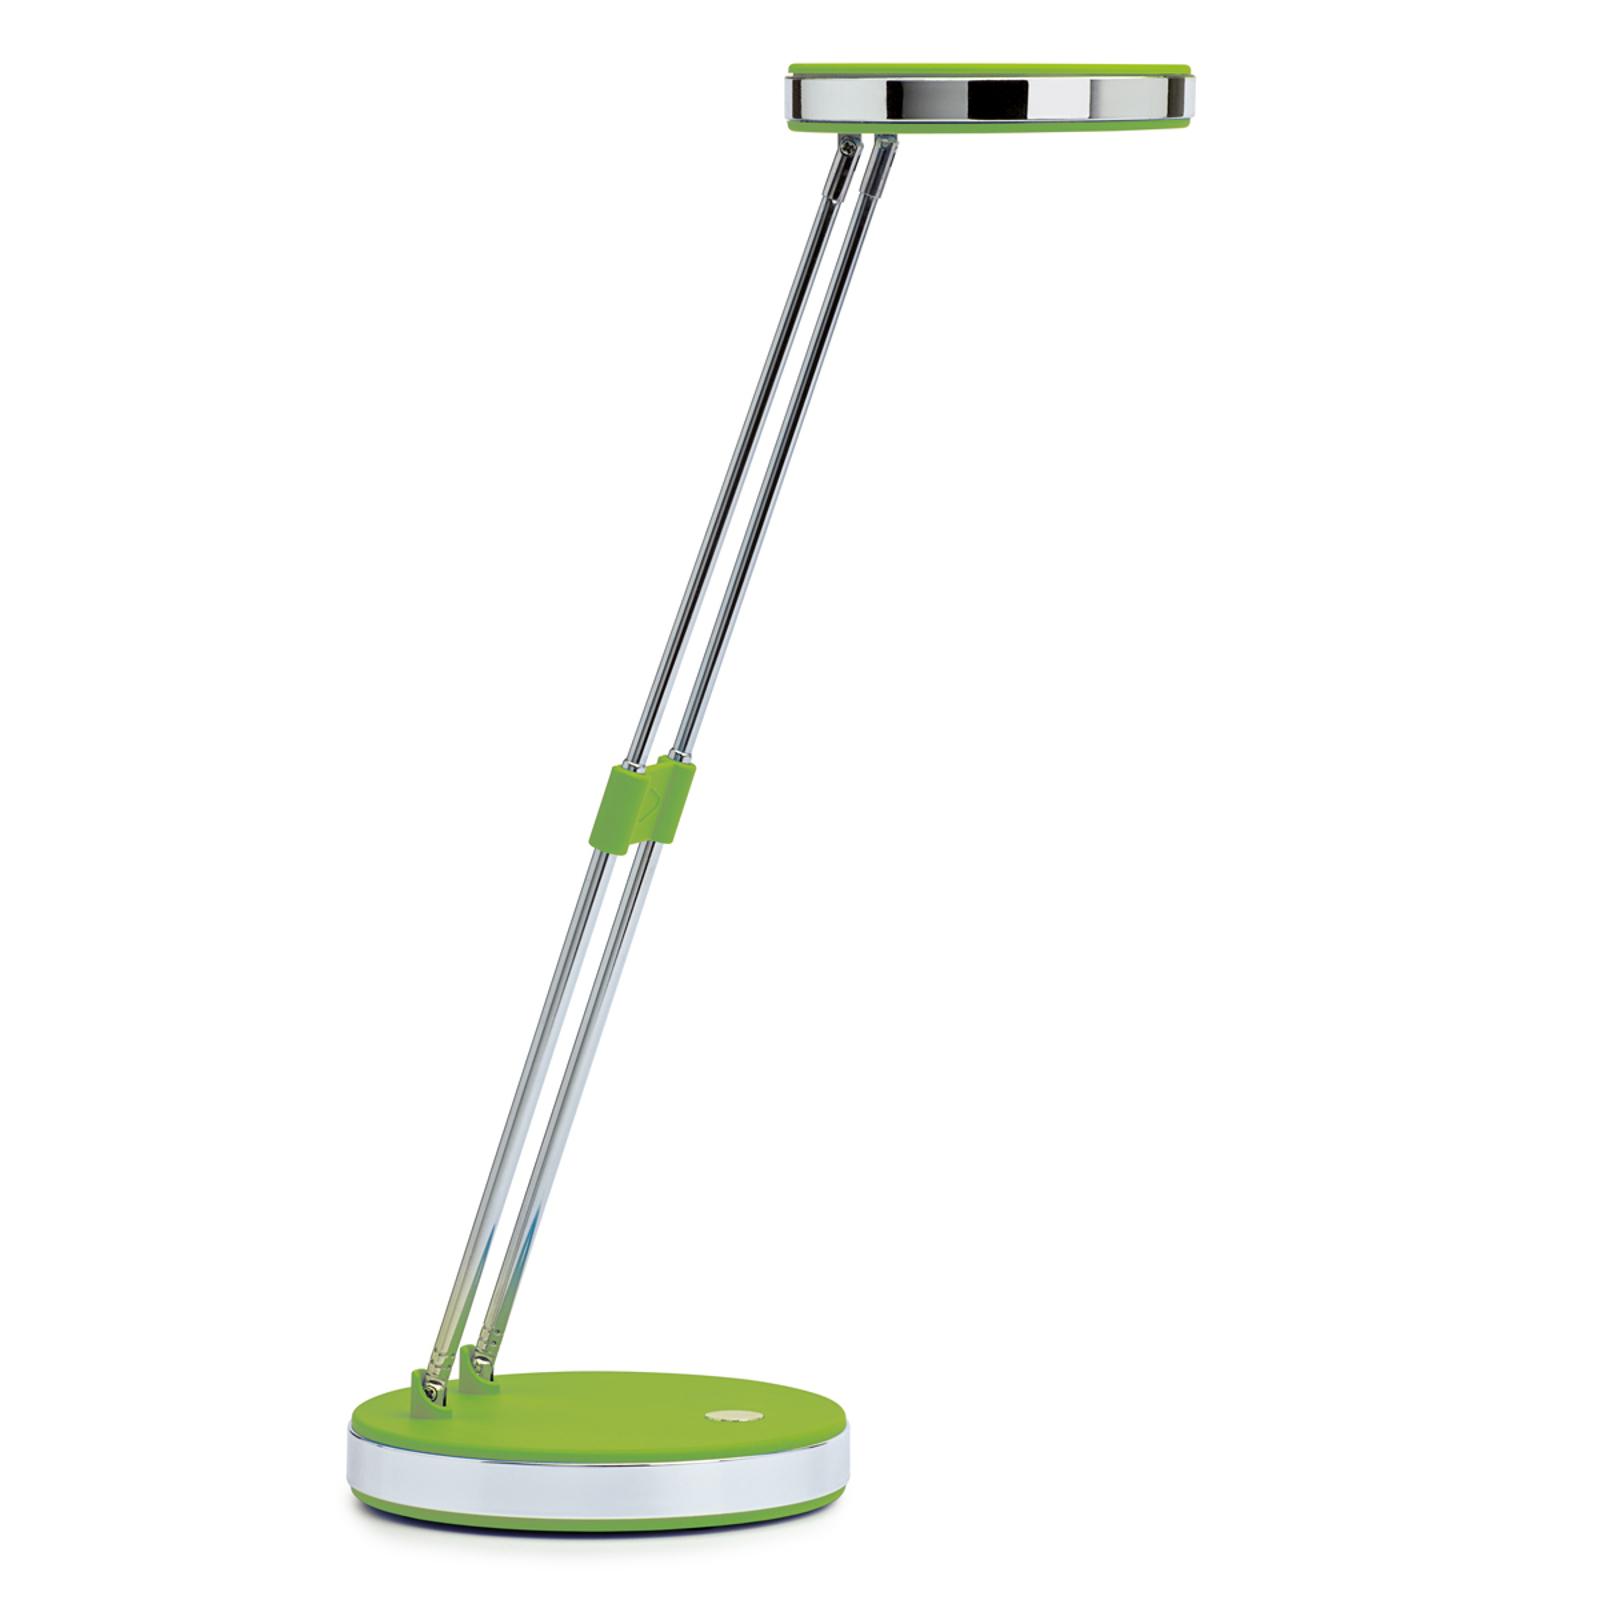 Trendige LED-Schreibtischleuchte Puck in Grün